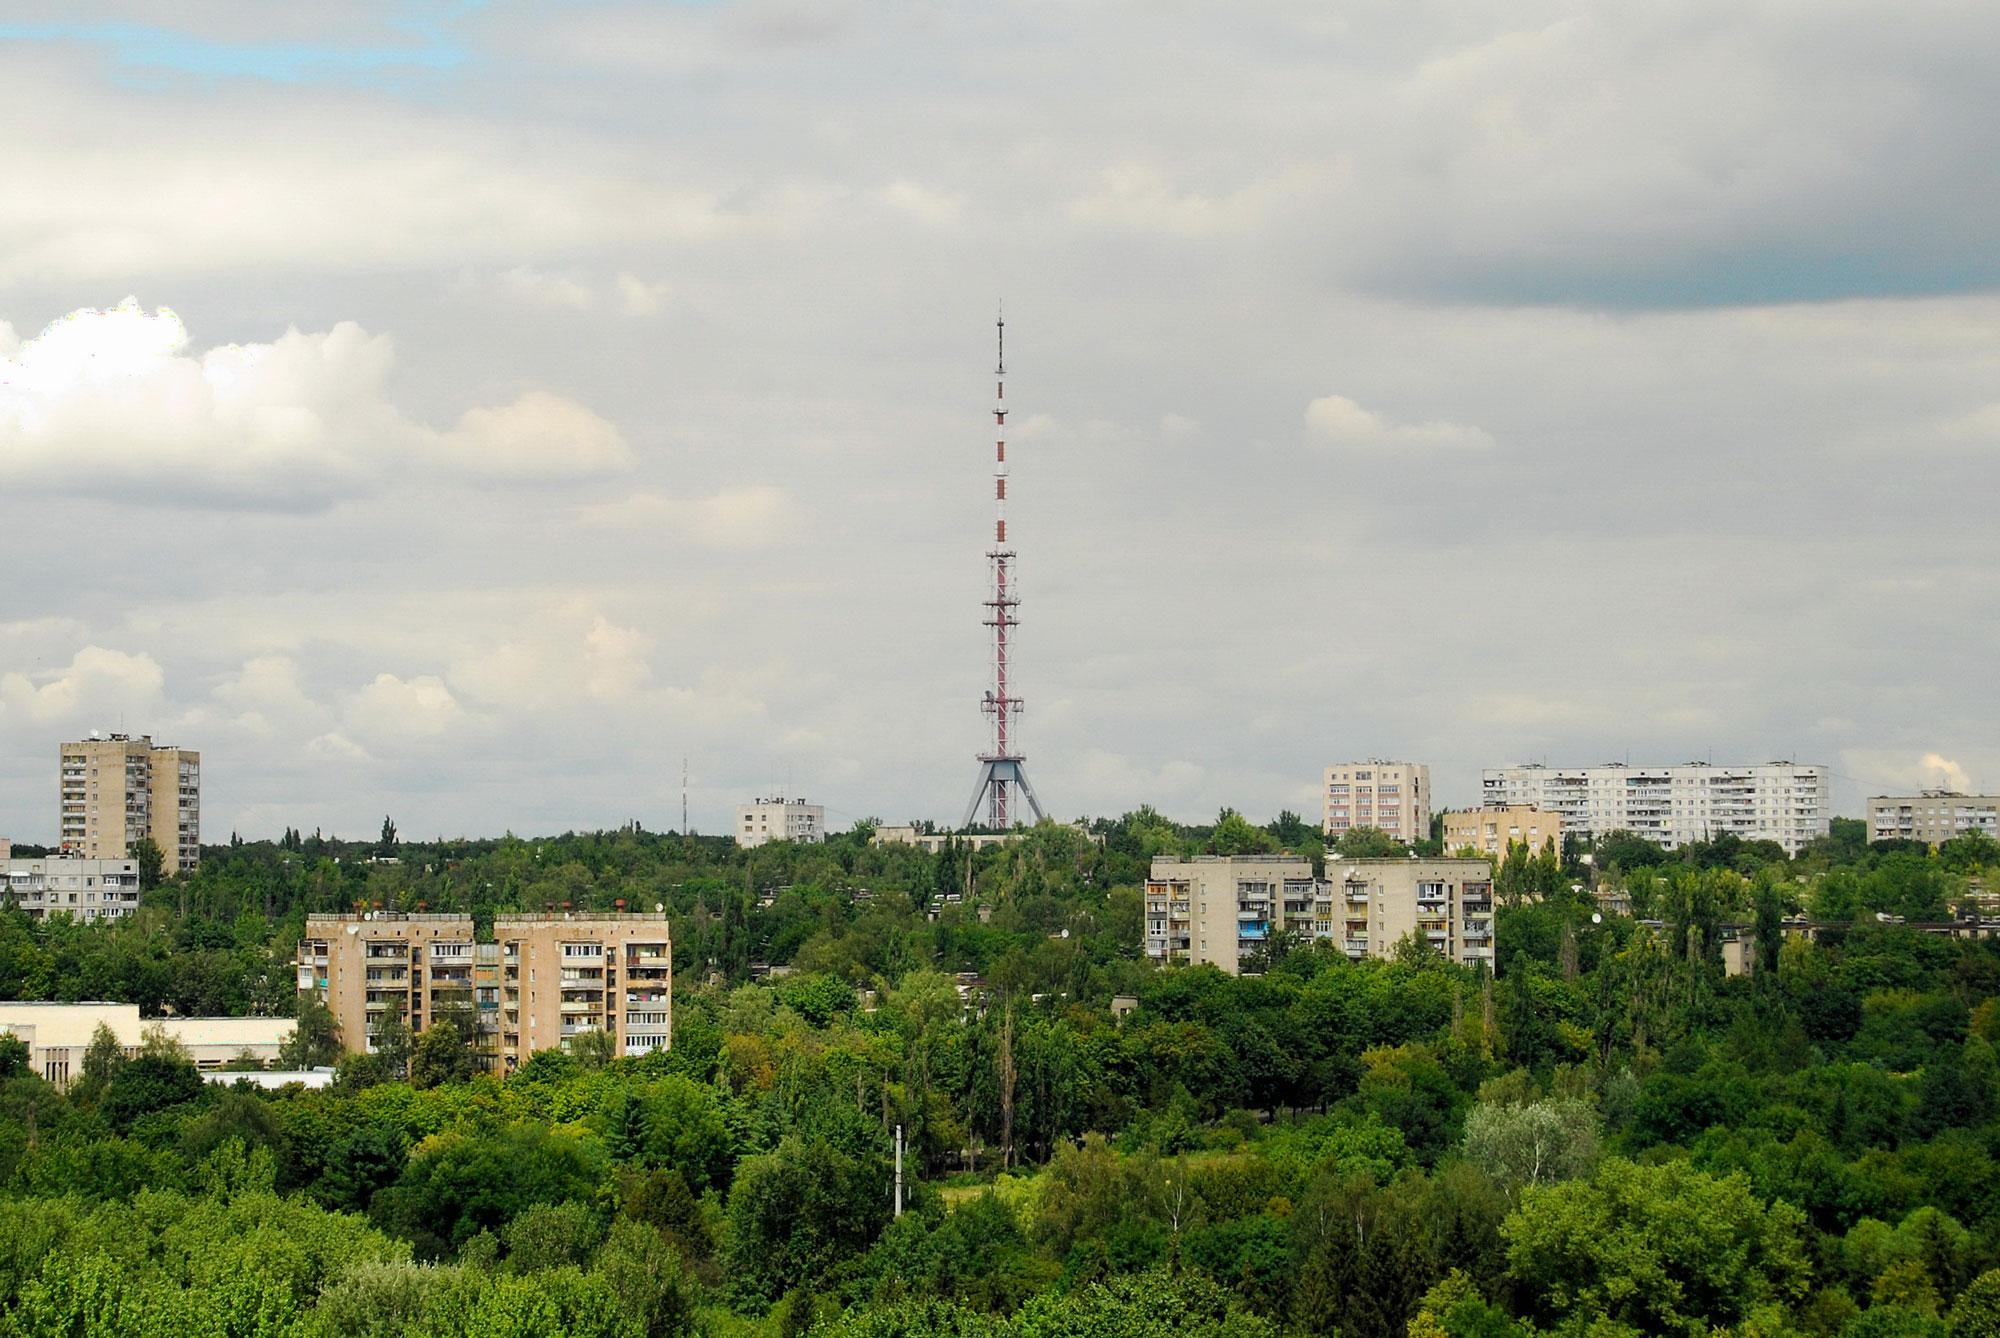 Моніторинг регіональних каналів. Як дотримуються стандартів теленовинарі Харкова